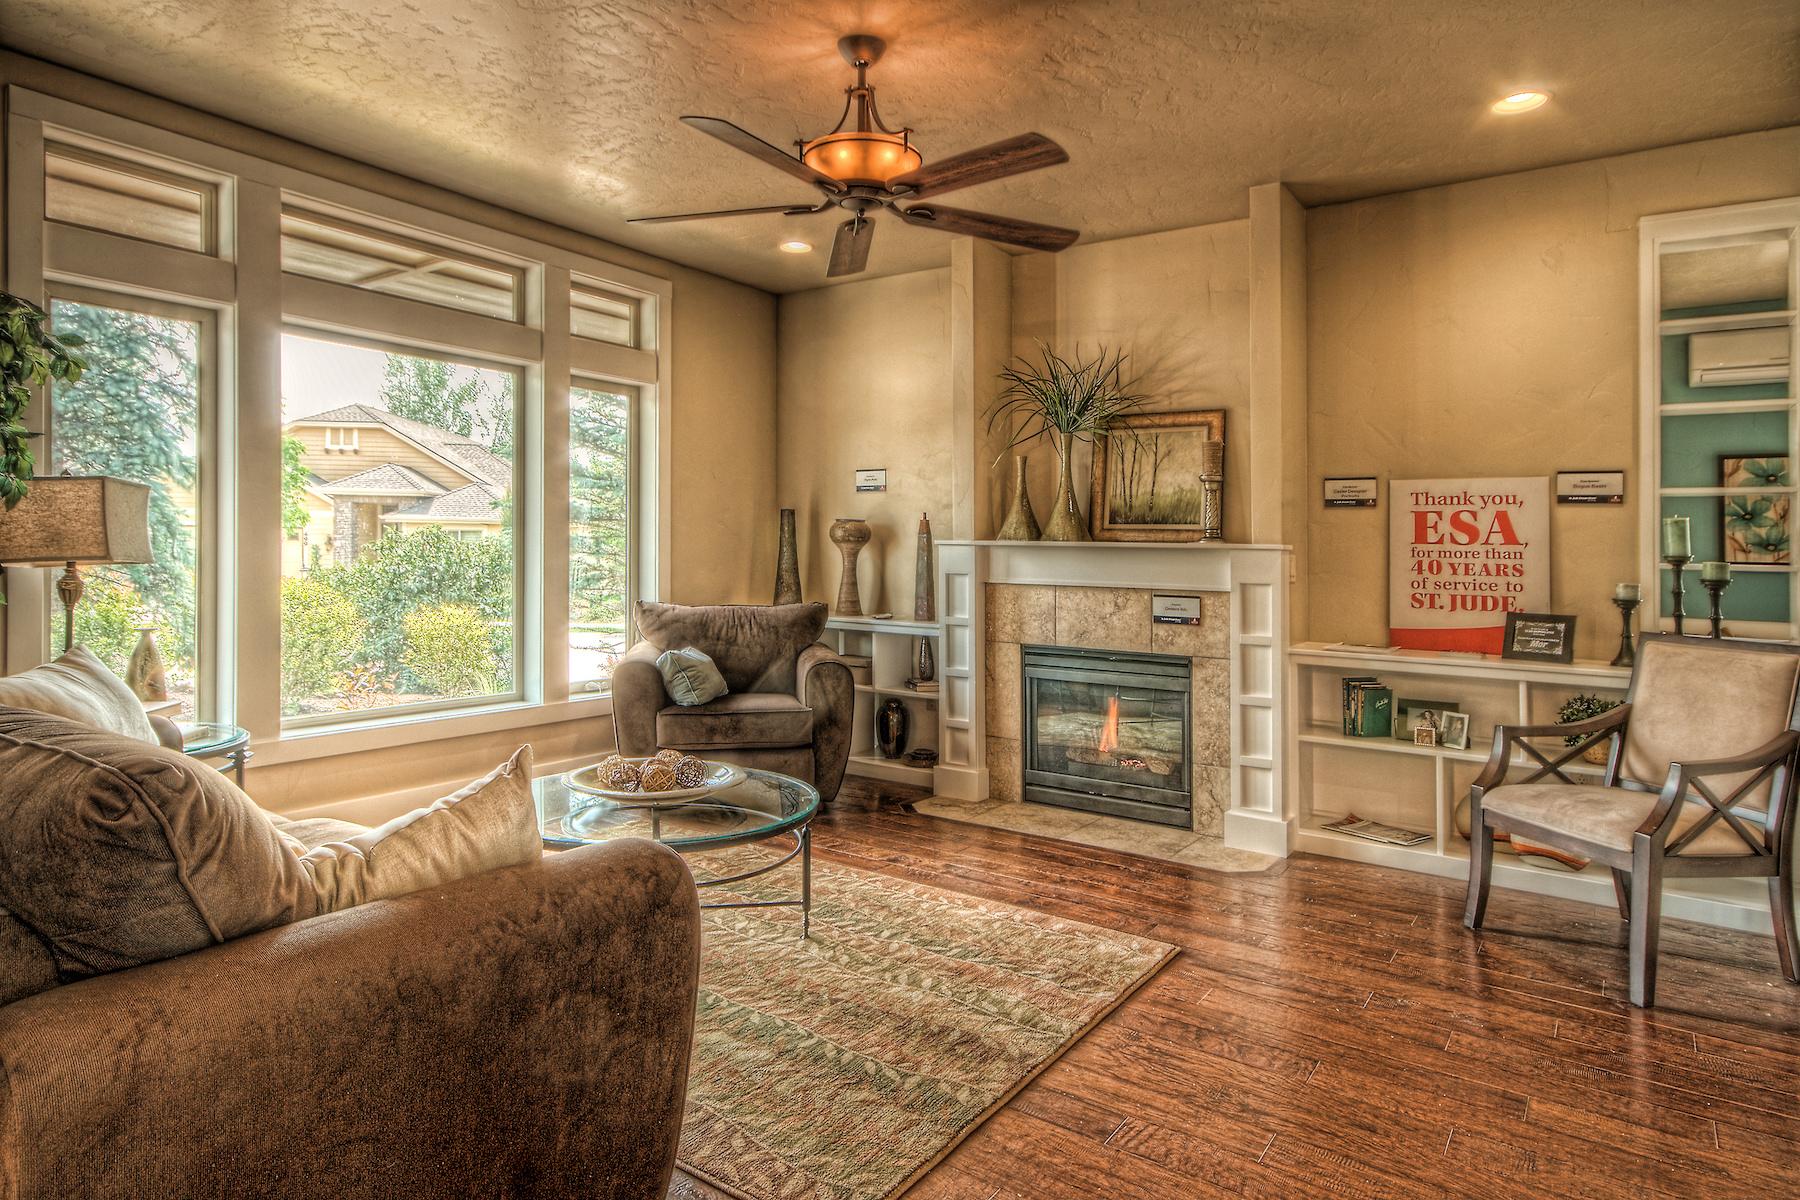 Flynner-Homes-StJude-Residential-Remodel-00005.jpg